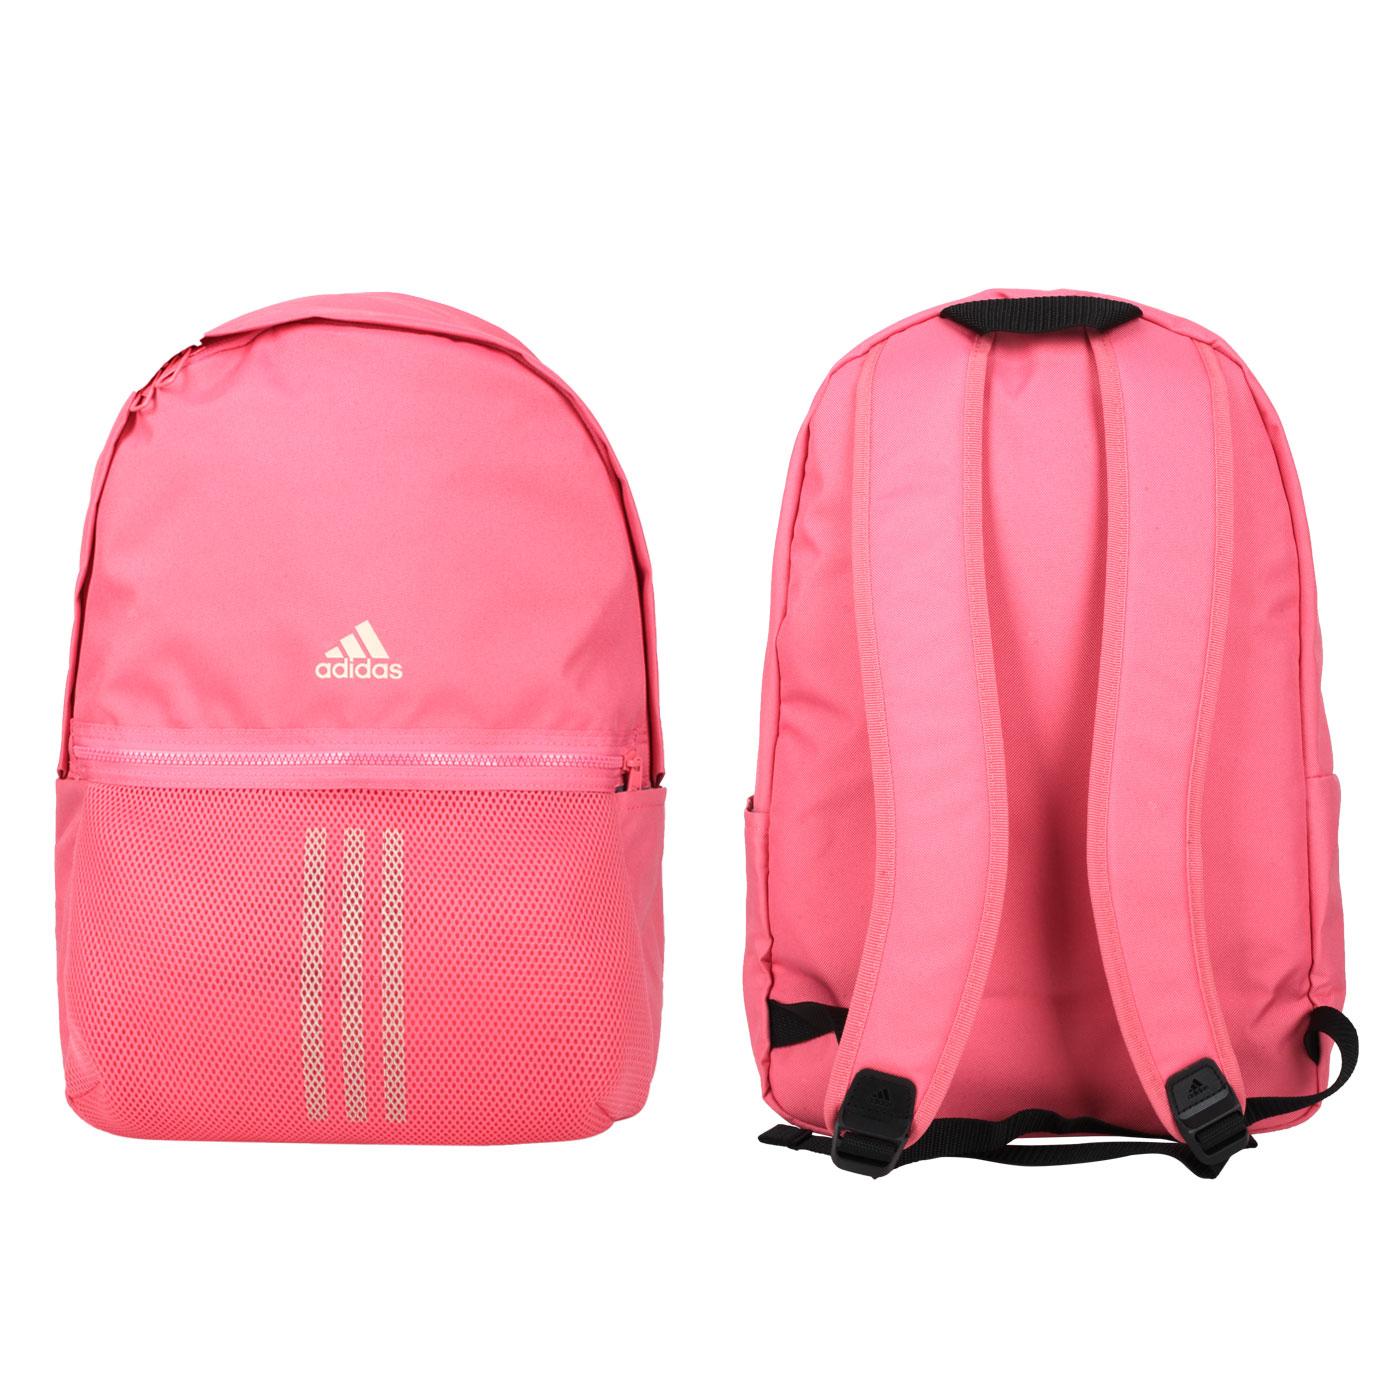 ADIDAS 後背包 GL0917 - 粉紅米白